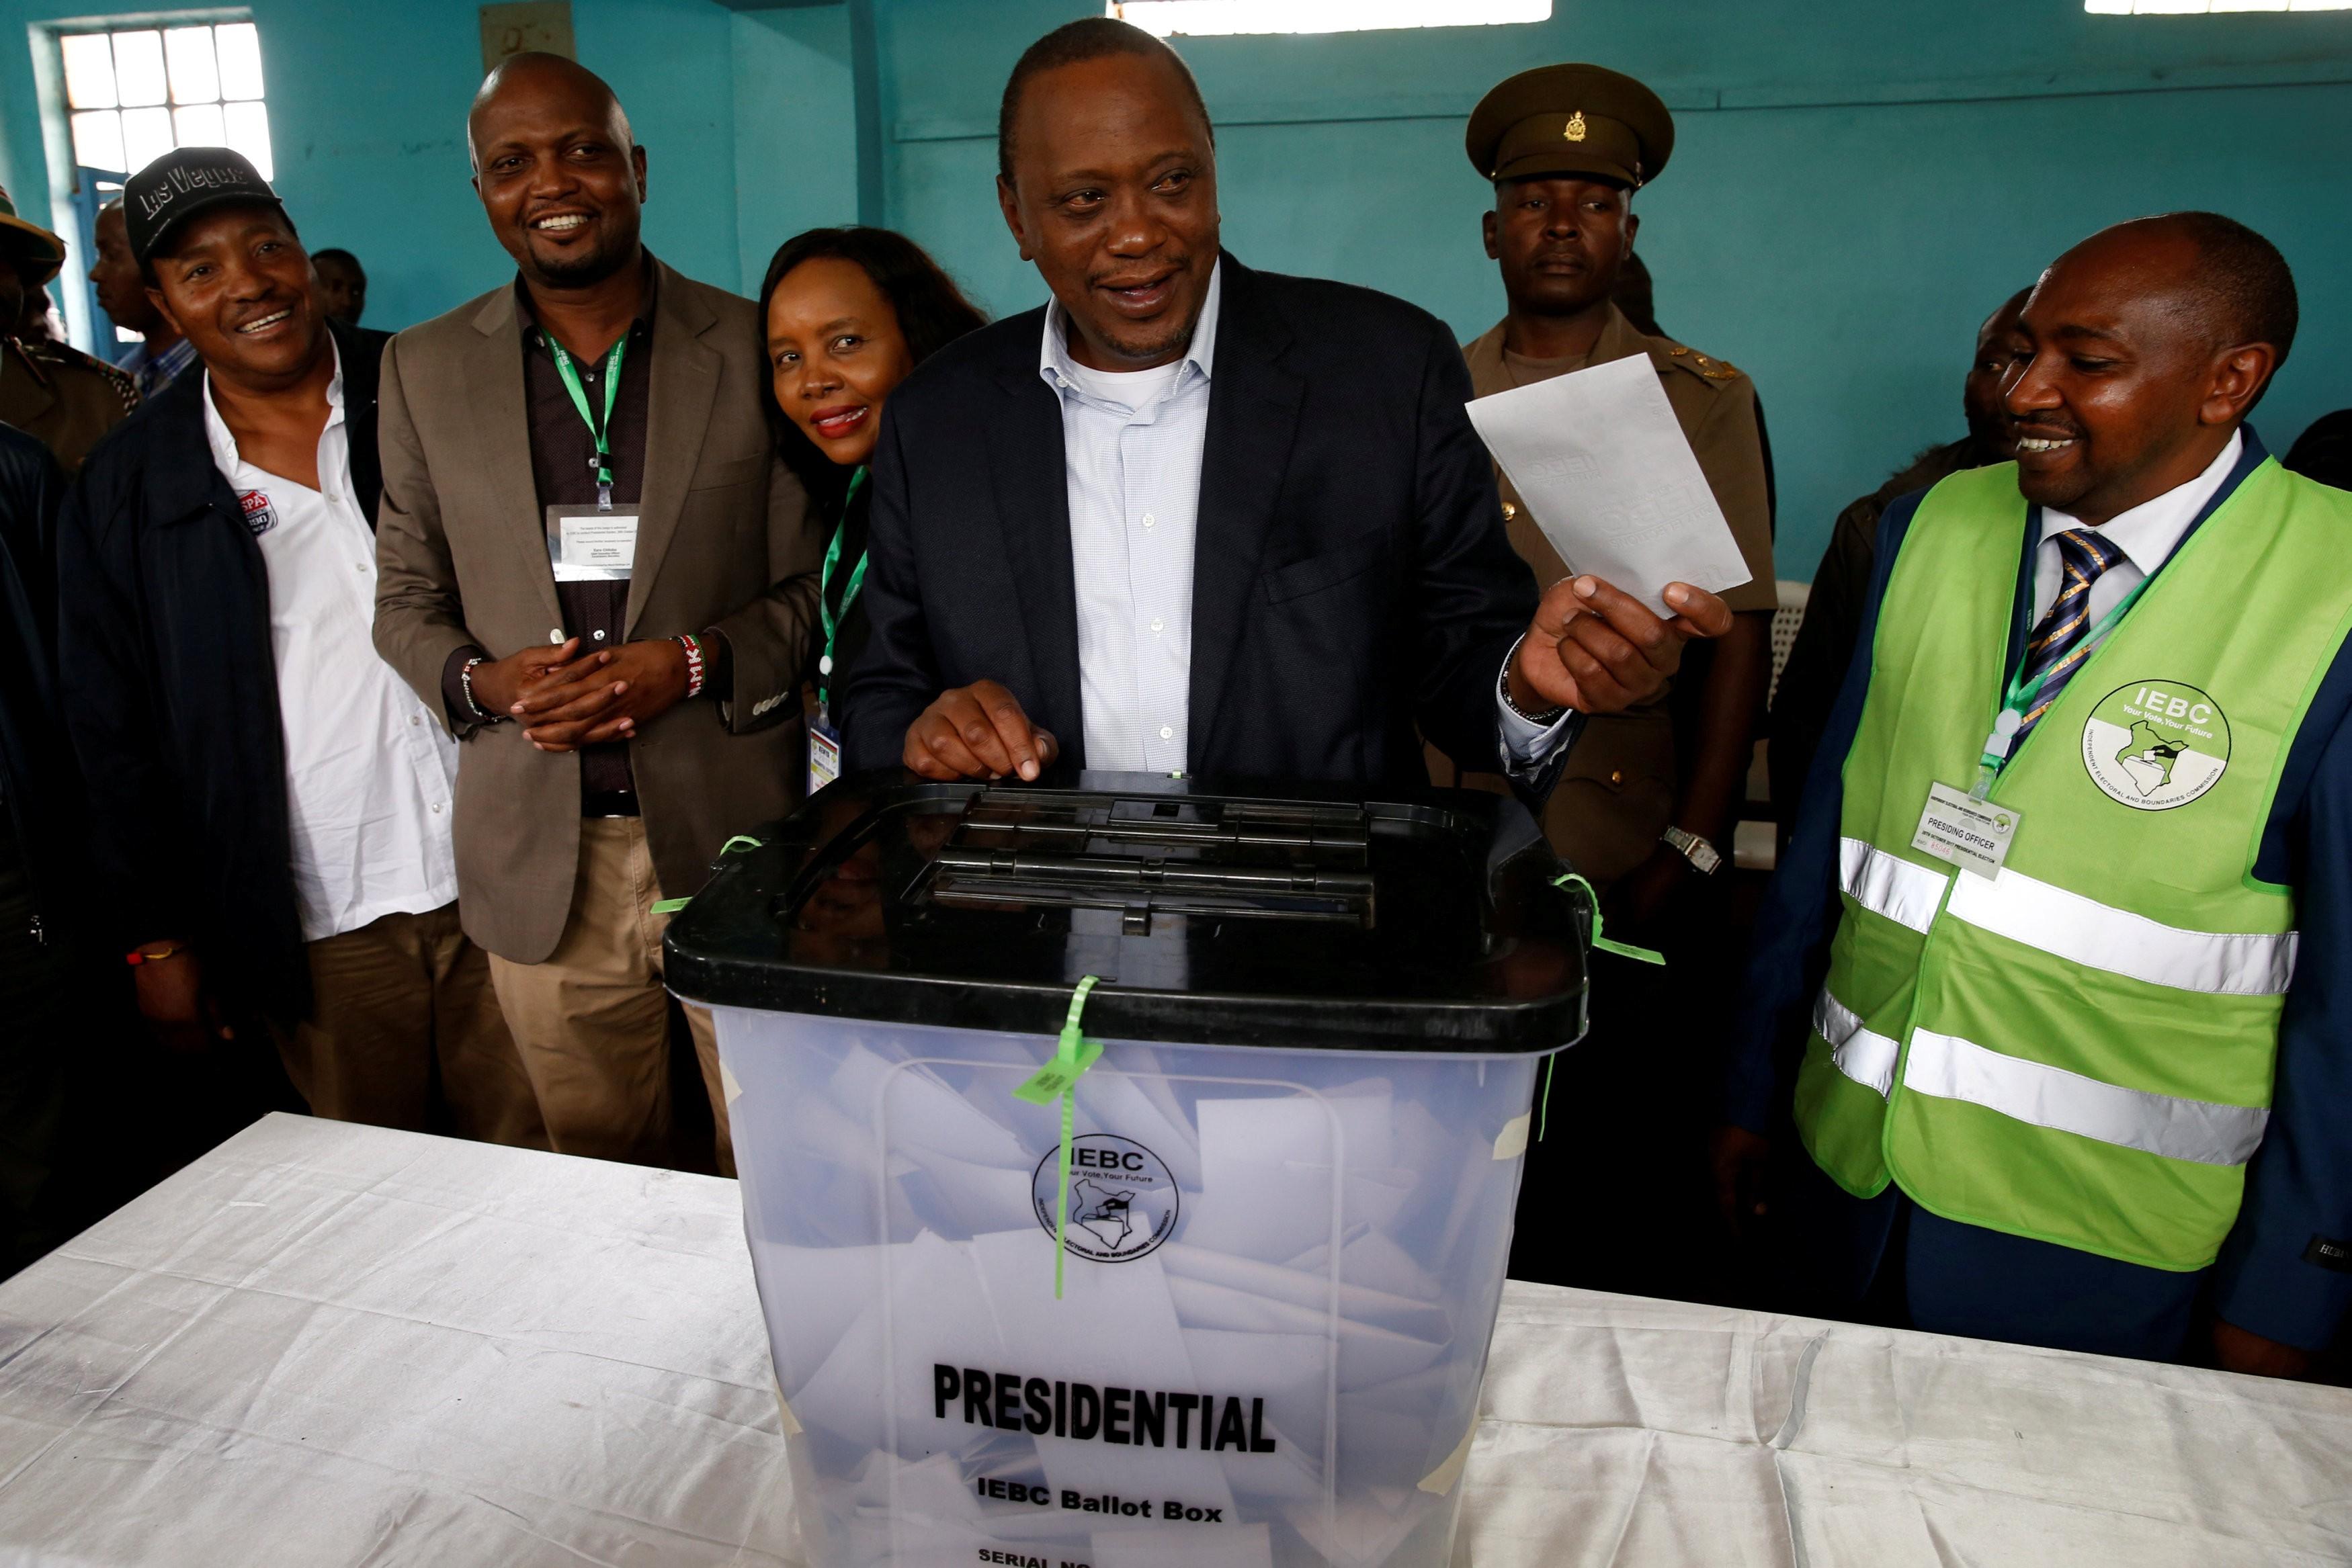 Justiça do Quênia valida últimas eleições, com vitória de Uhuru Kenyatta